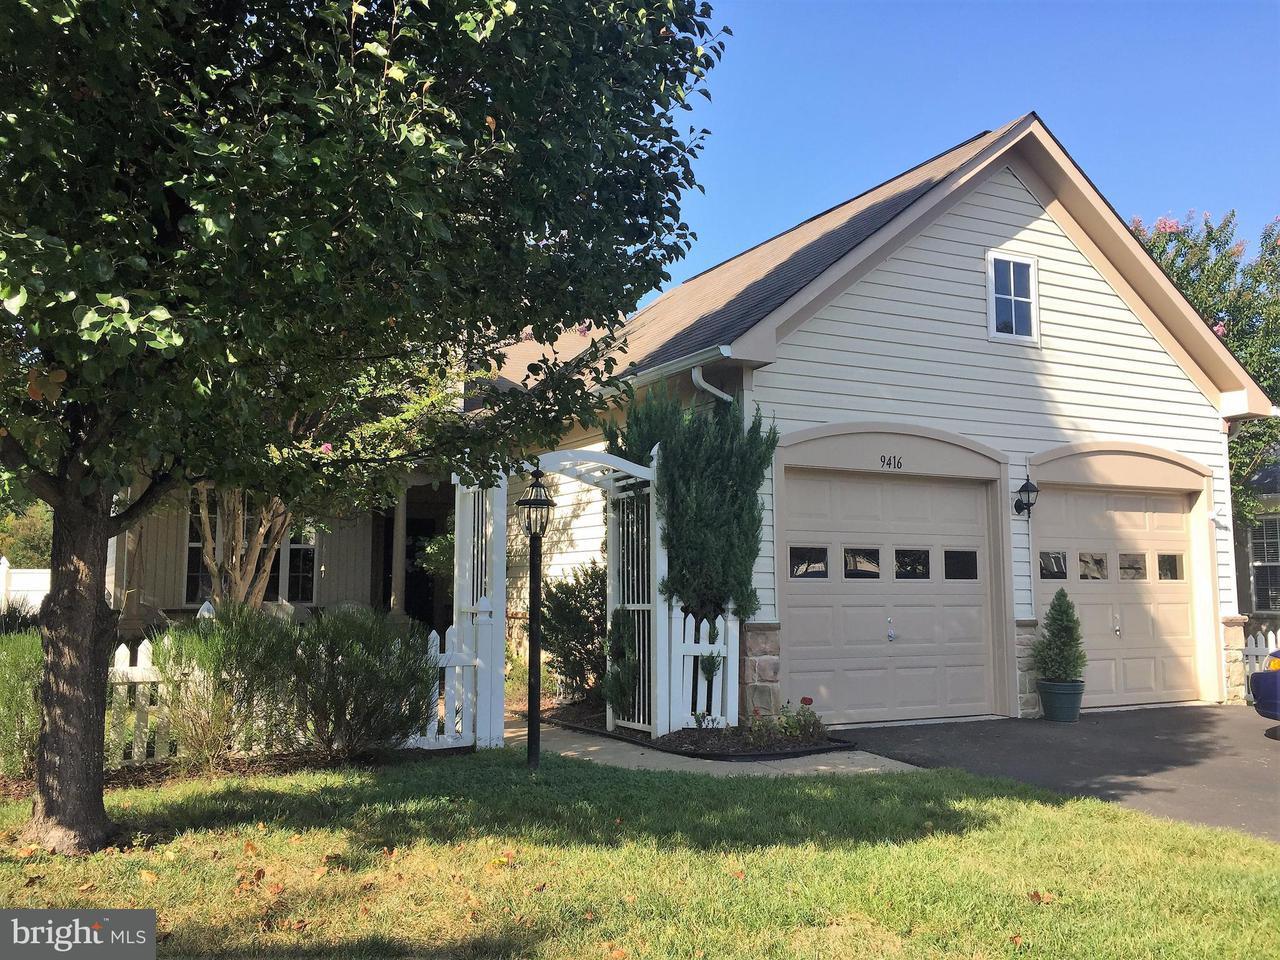 獨棟家庭住宅 為 出售 在 9416 PRIMROSE Lane 9416 PRIMROSE Lane Manassas Park, 弗吉尼亞州 20111 美國